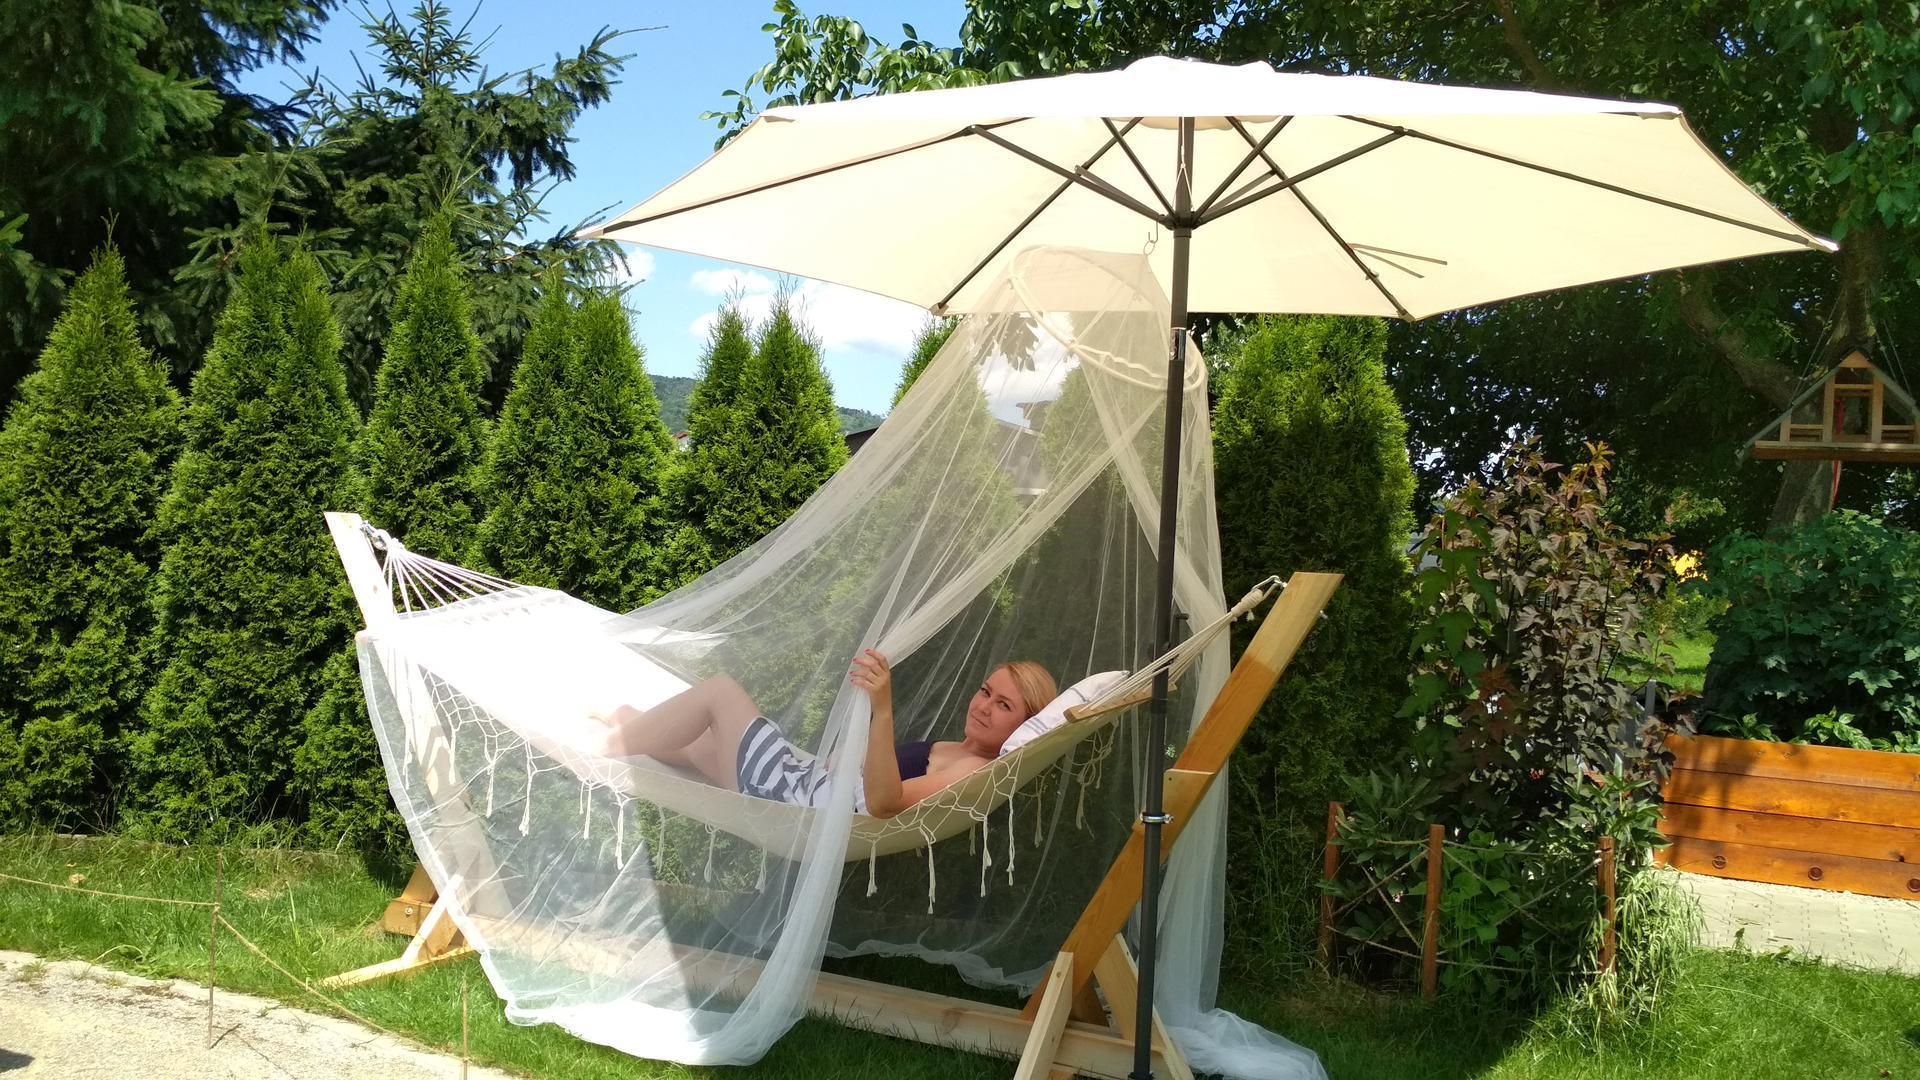 Drevený stojan na hojdaciu sieť... relax v záhrade - Obrázok č. 4